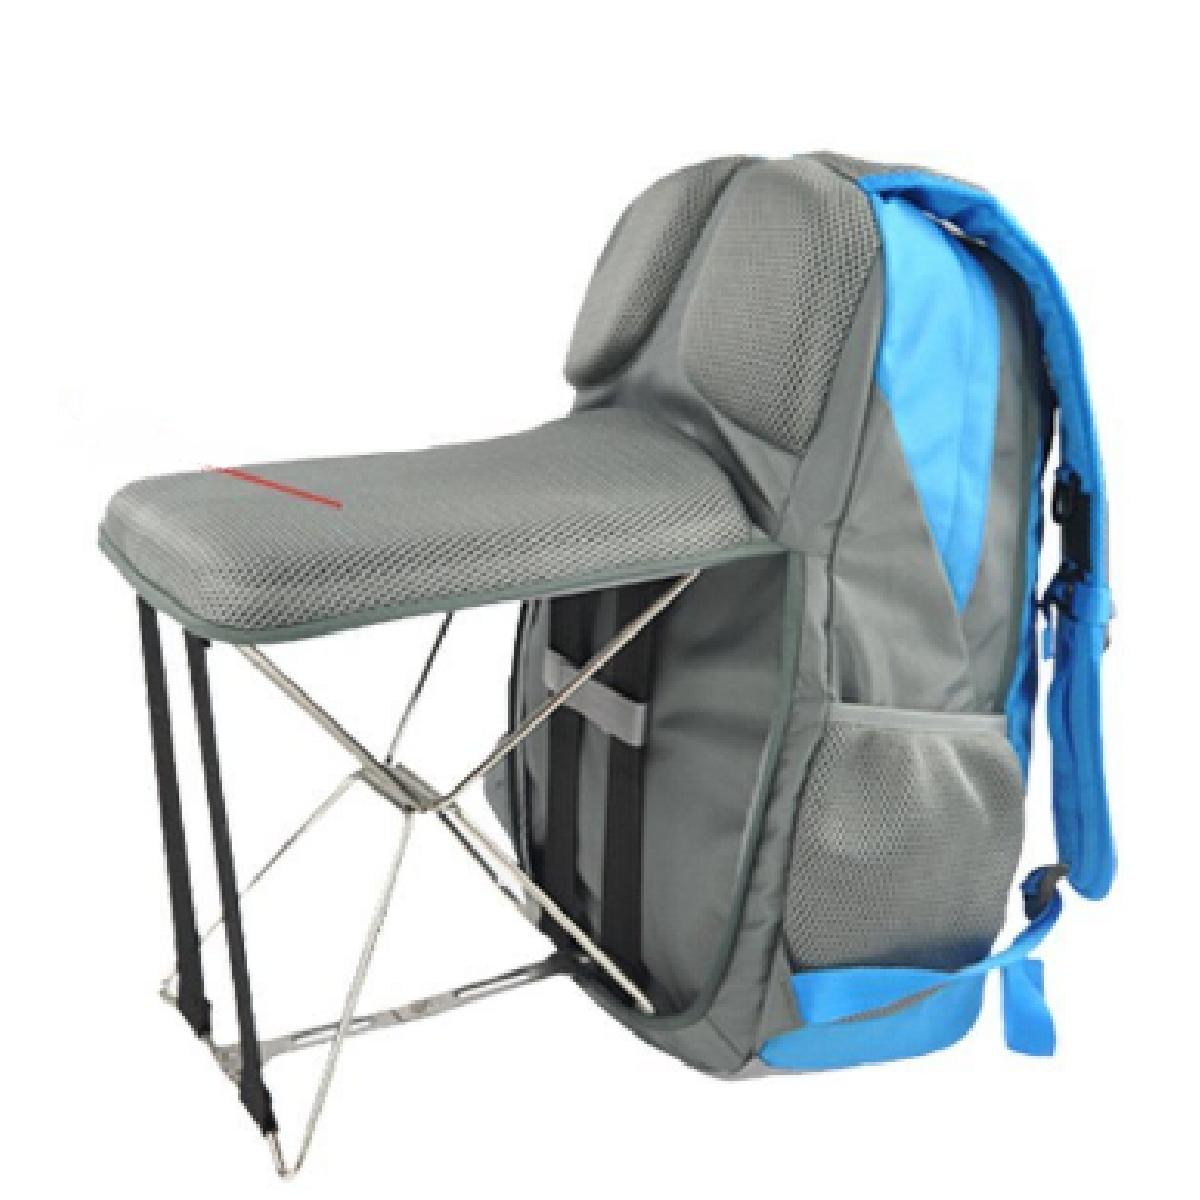 Cadeaux 2 ouf id es de cadeaux insolites et originaux le sac dos avec - Table pliante avec chaise integree ...